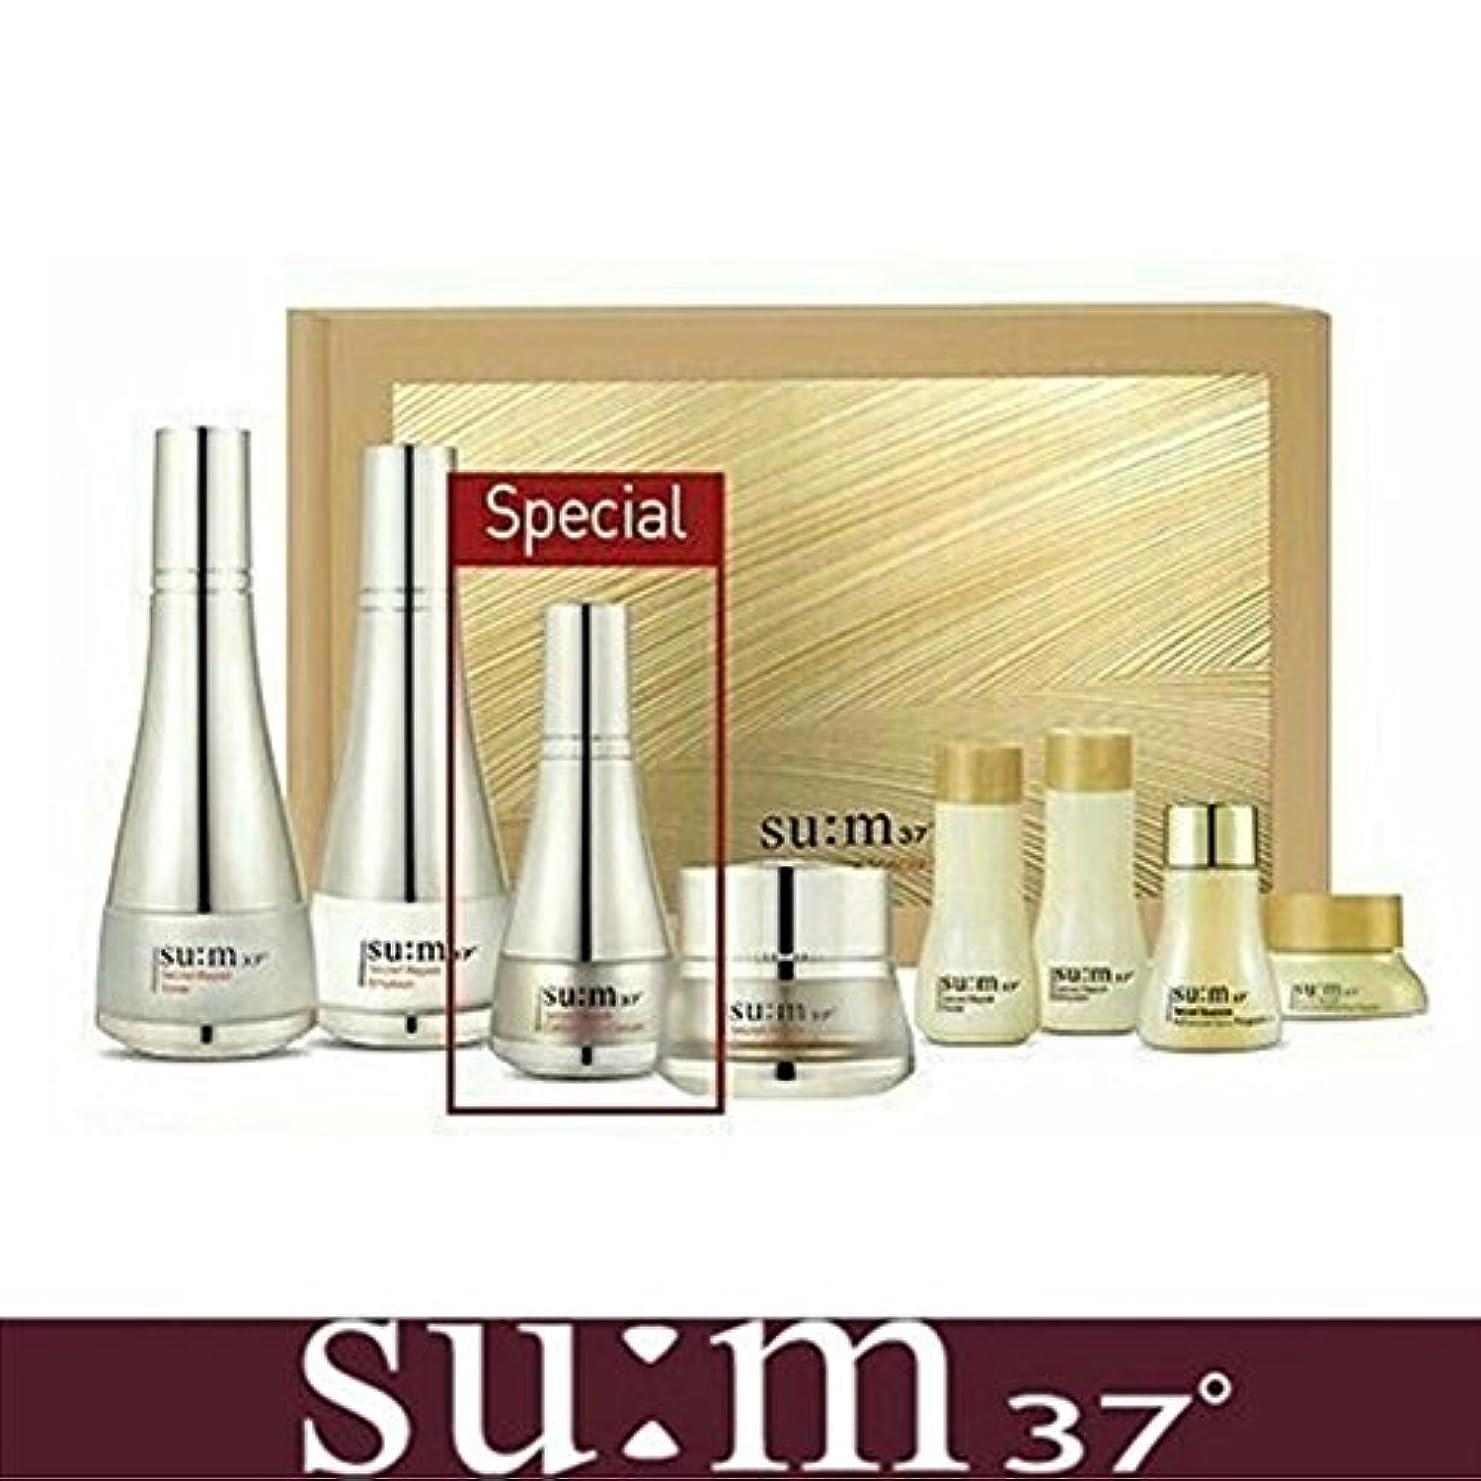 びん不完全勃起[su:m37/スム37°] SUM37 Secret Repair 3pcs Special Skincare Set / シークレットリペア3種セット+[Sample Gift](海外直送品)